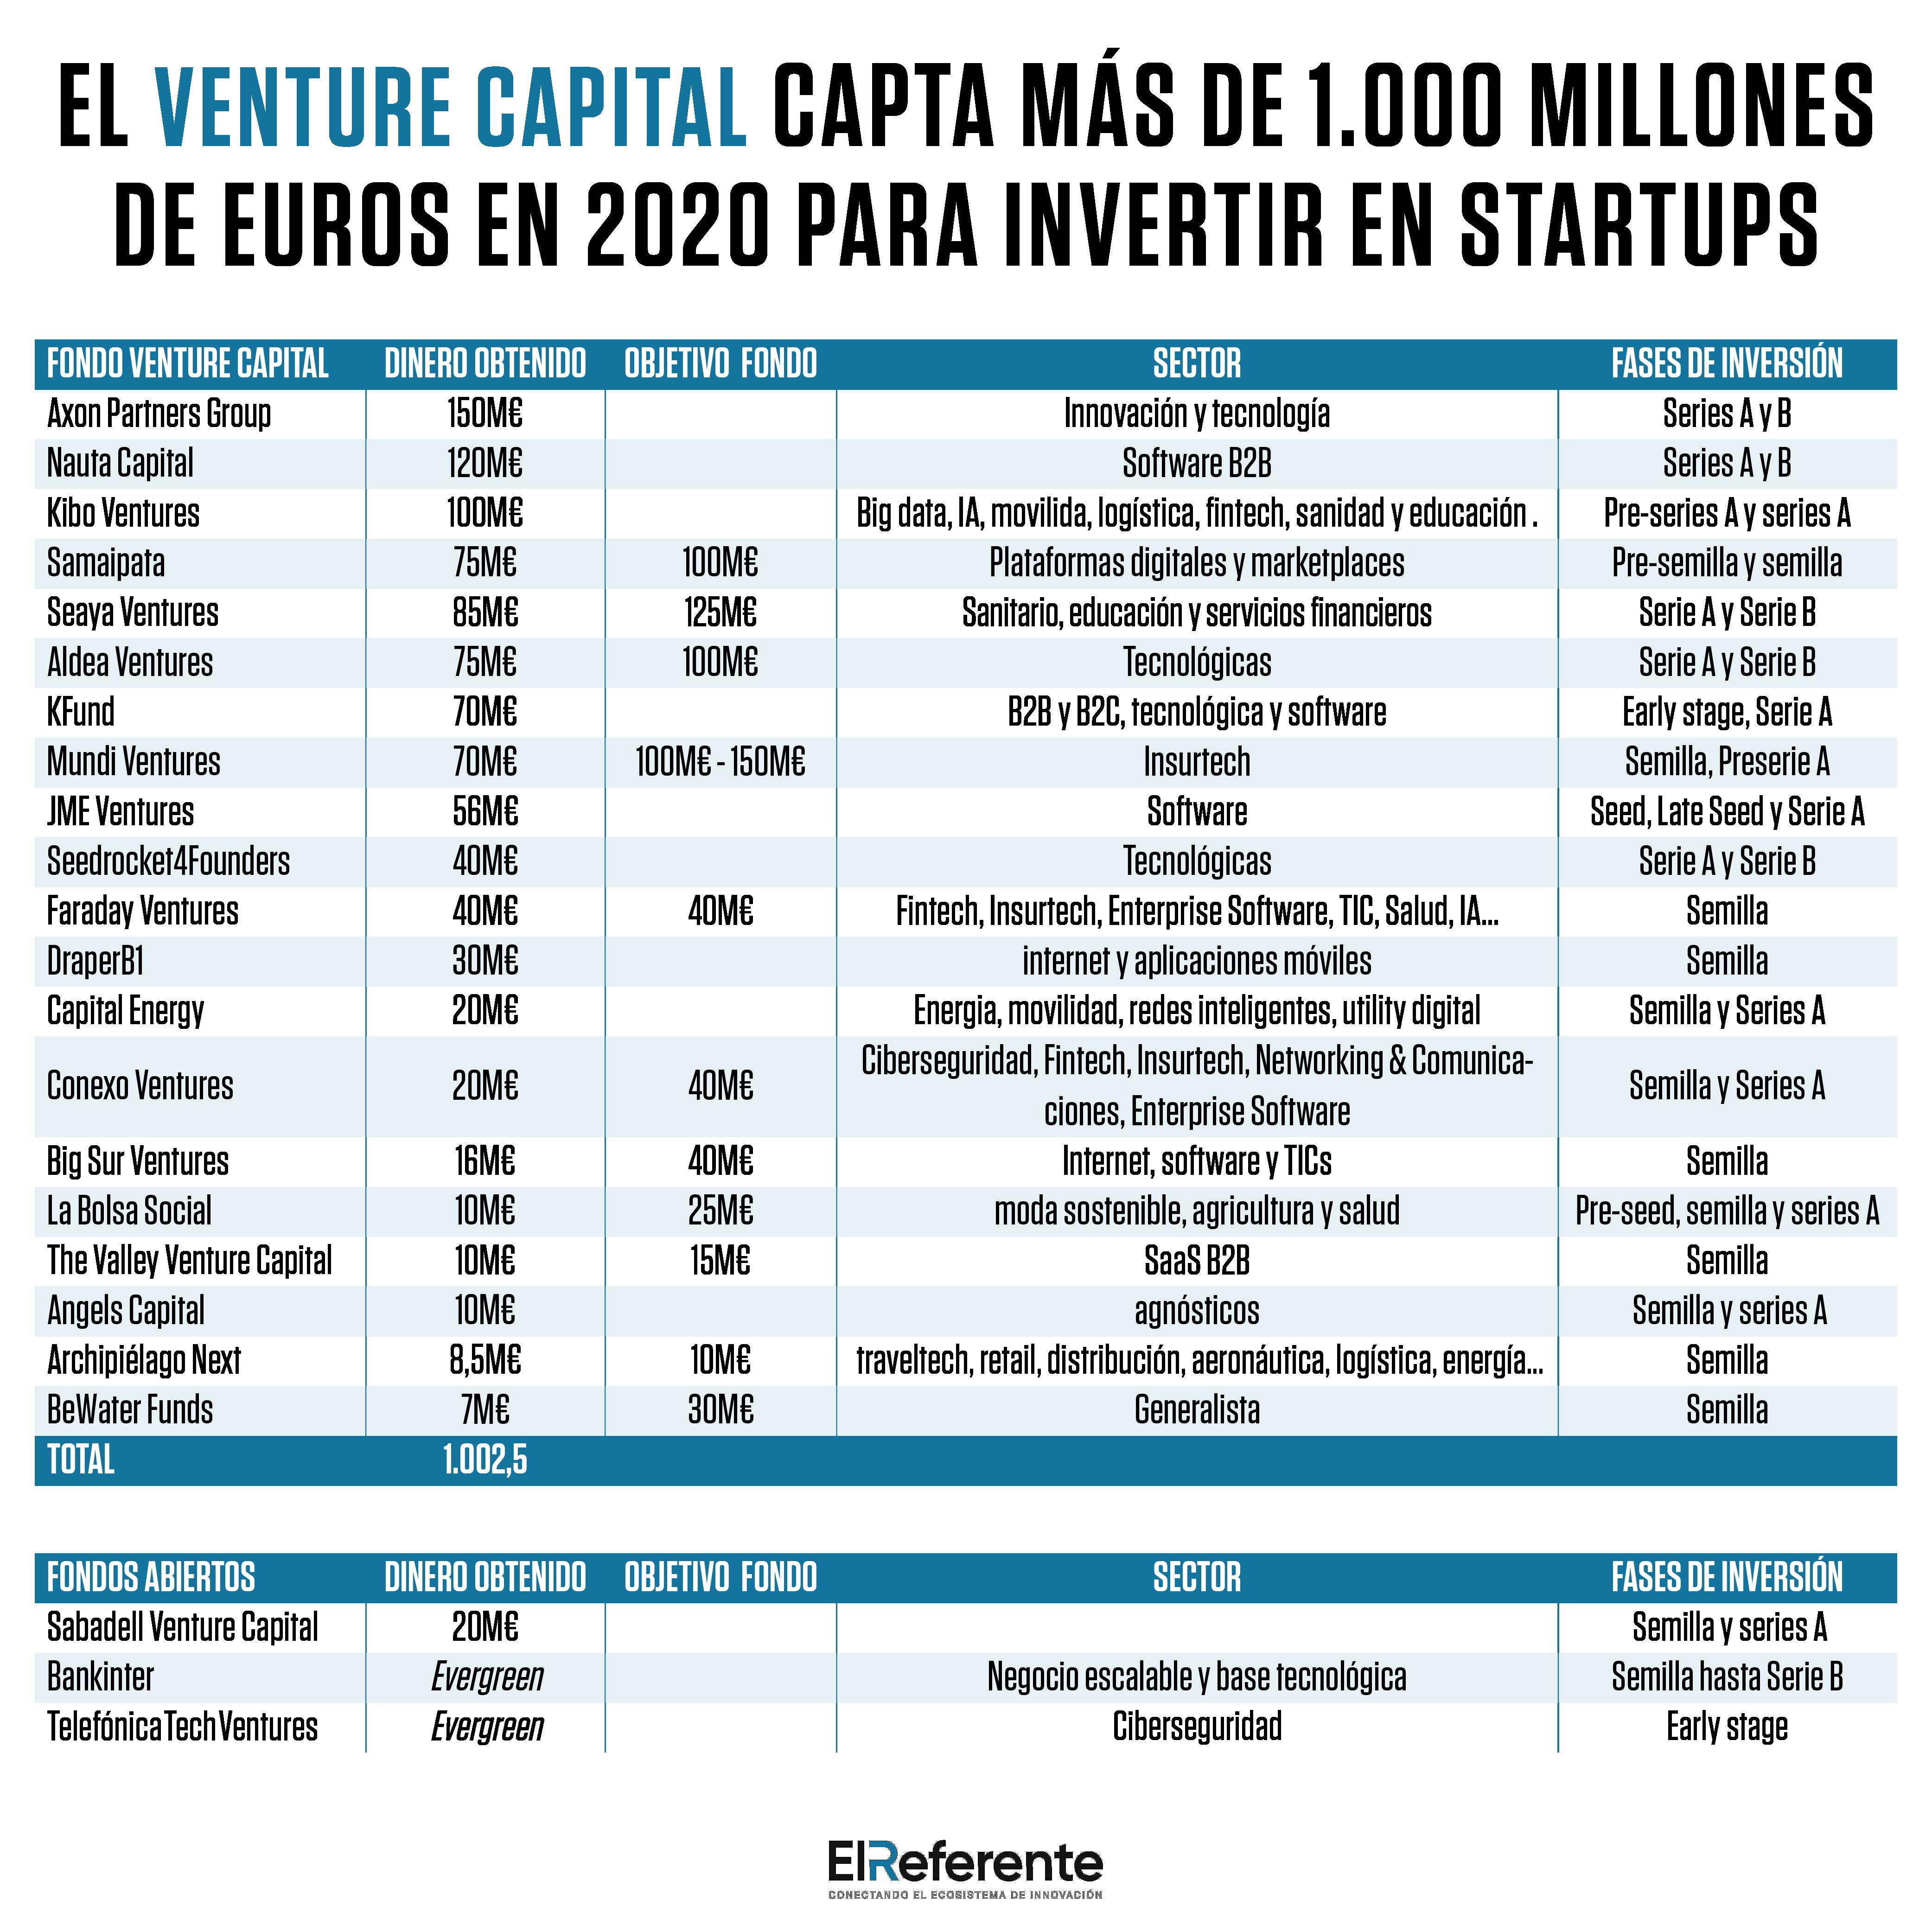 El Venture Capital español capta más de 1.000 millones de euros en 2020 para invertir en startups